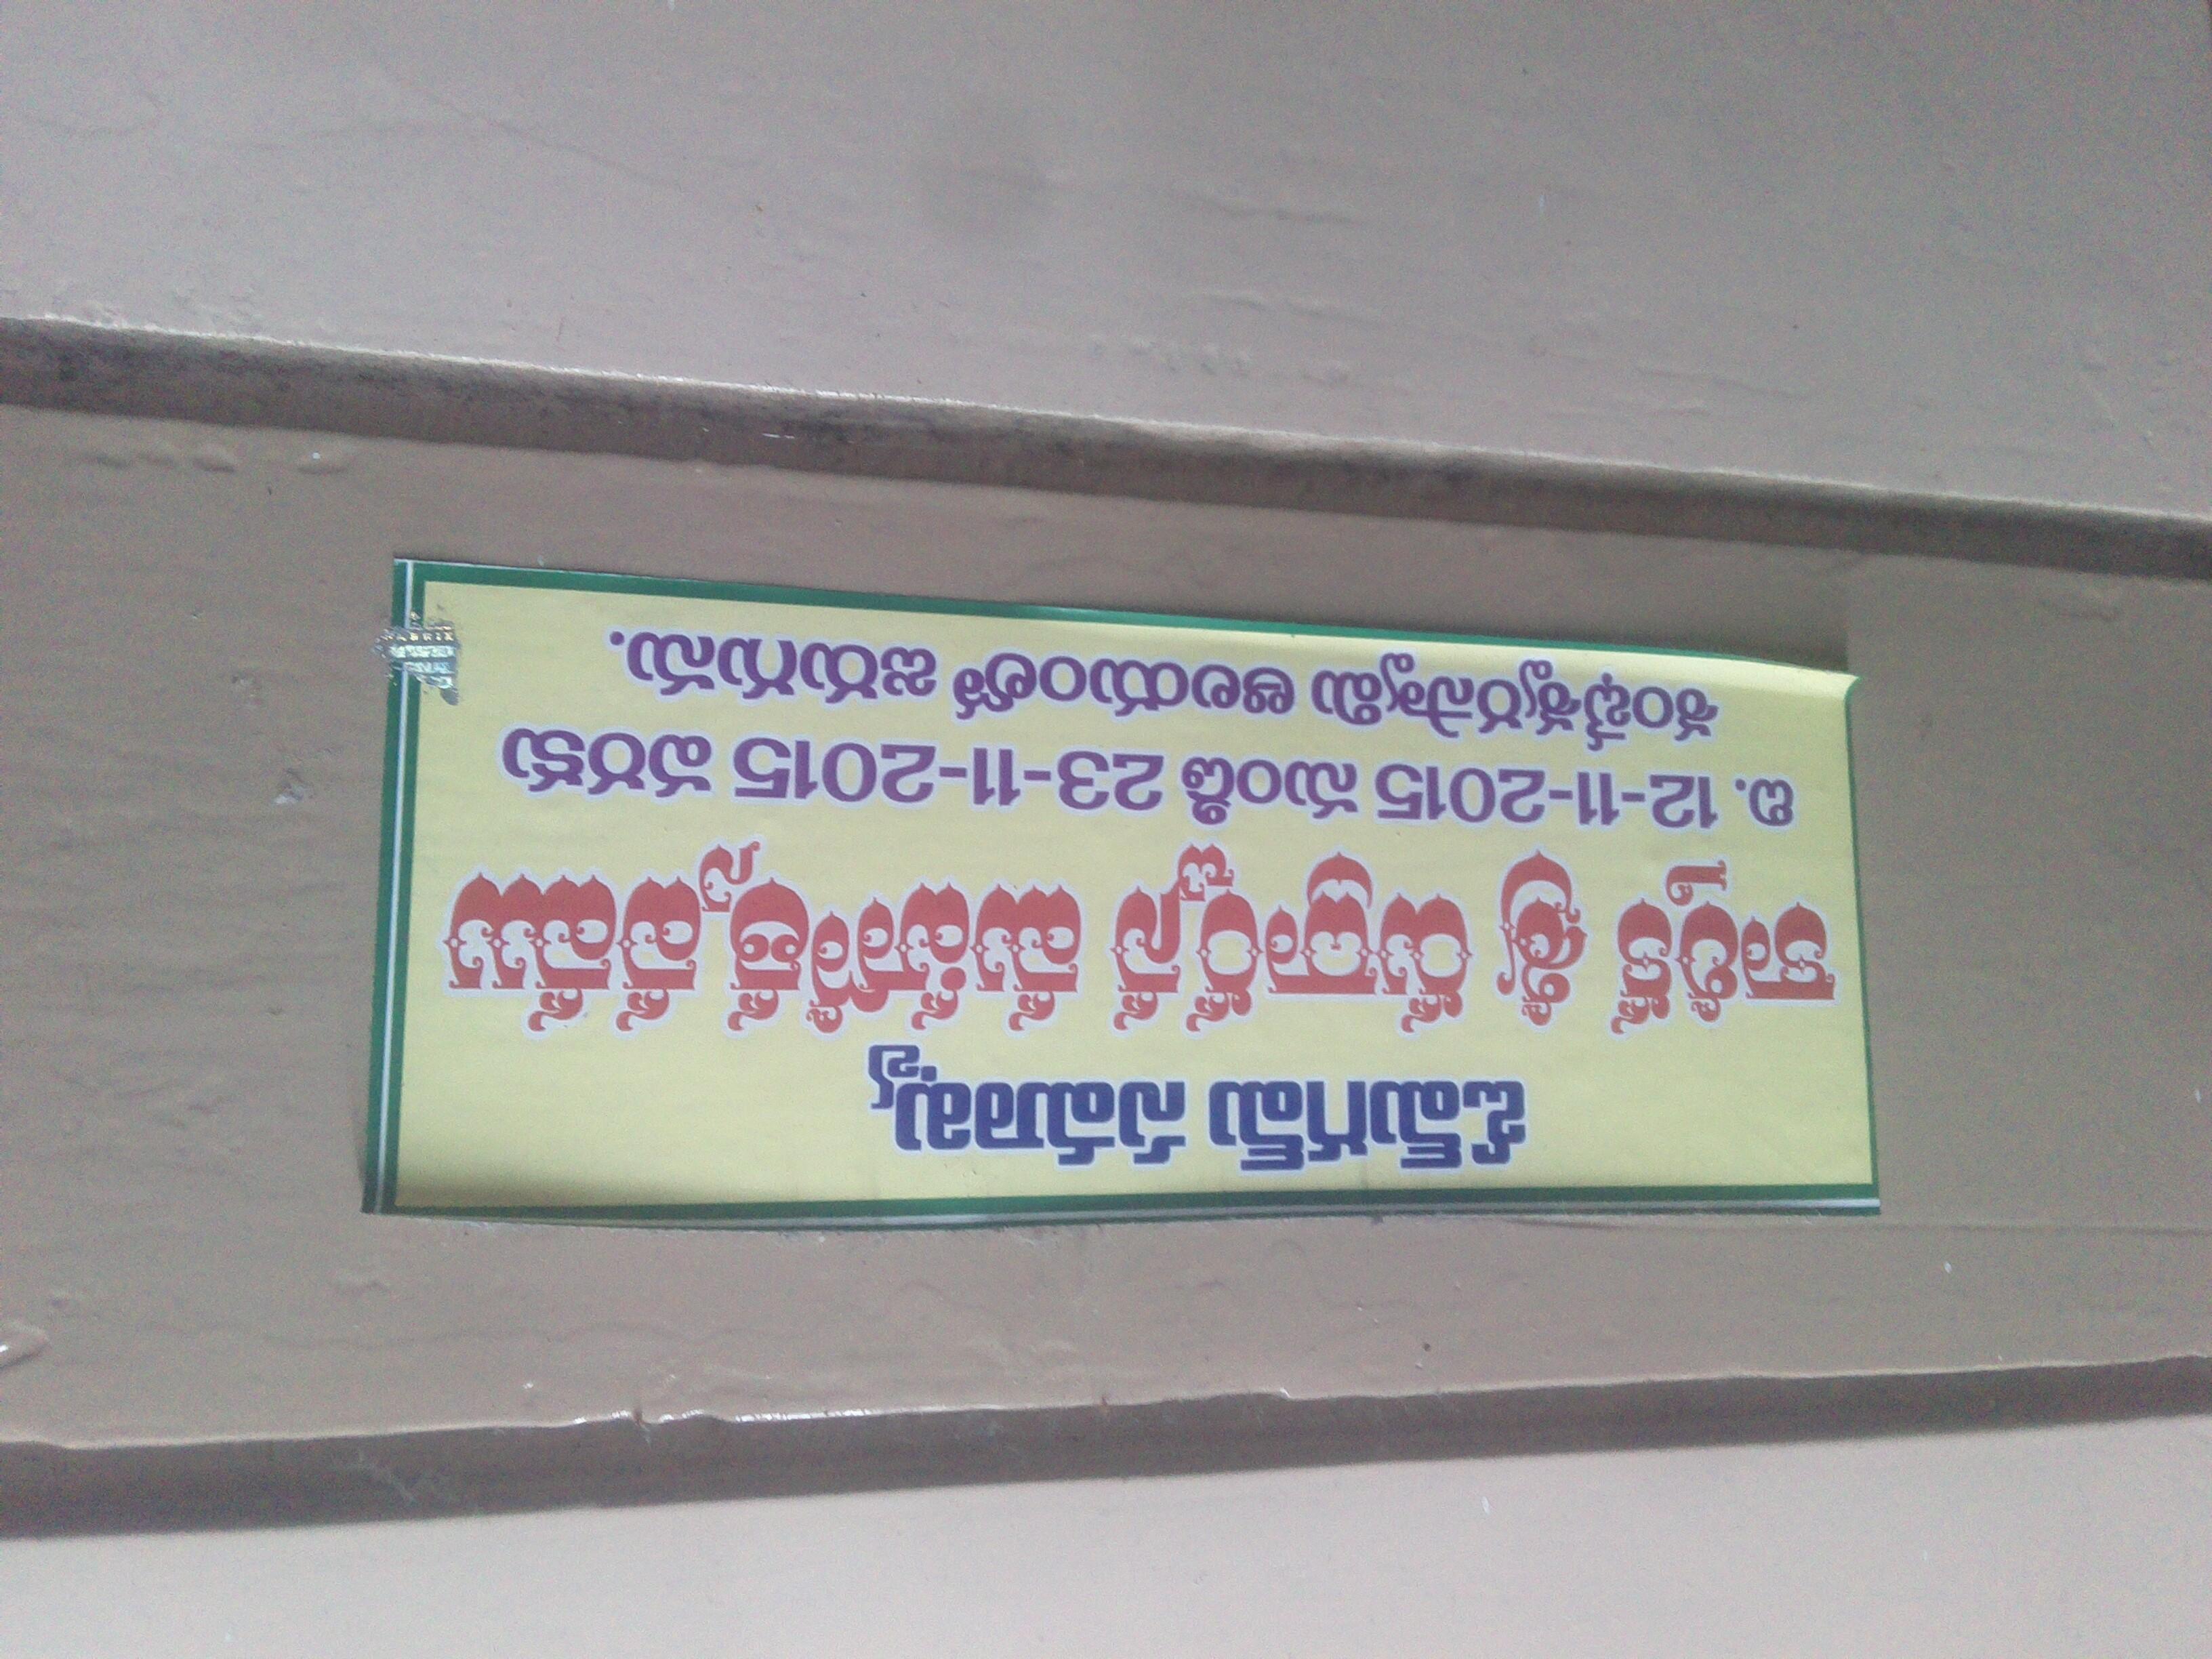 Sekhar.nowfloats.com